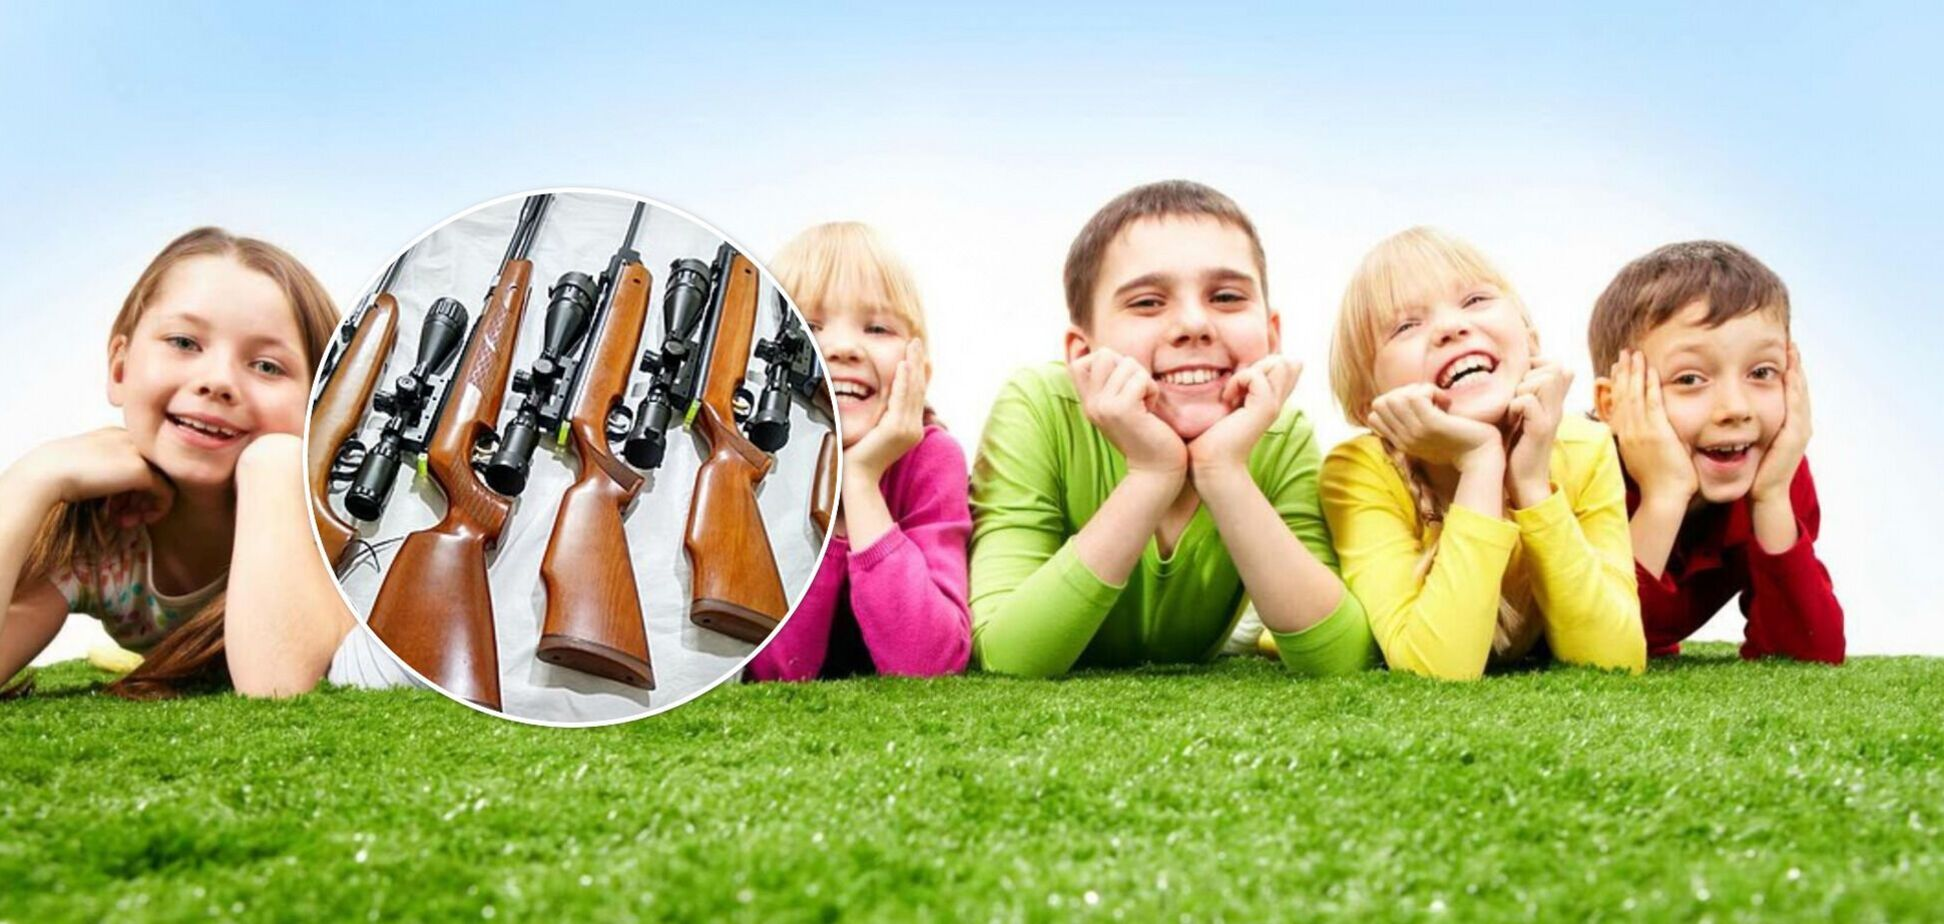 Під Києвом у дитячому таборі виявили арсенал зброї